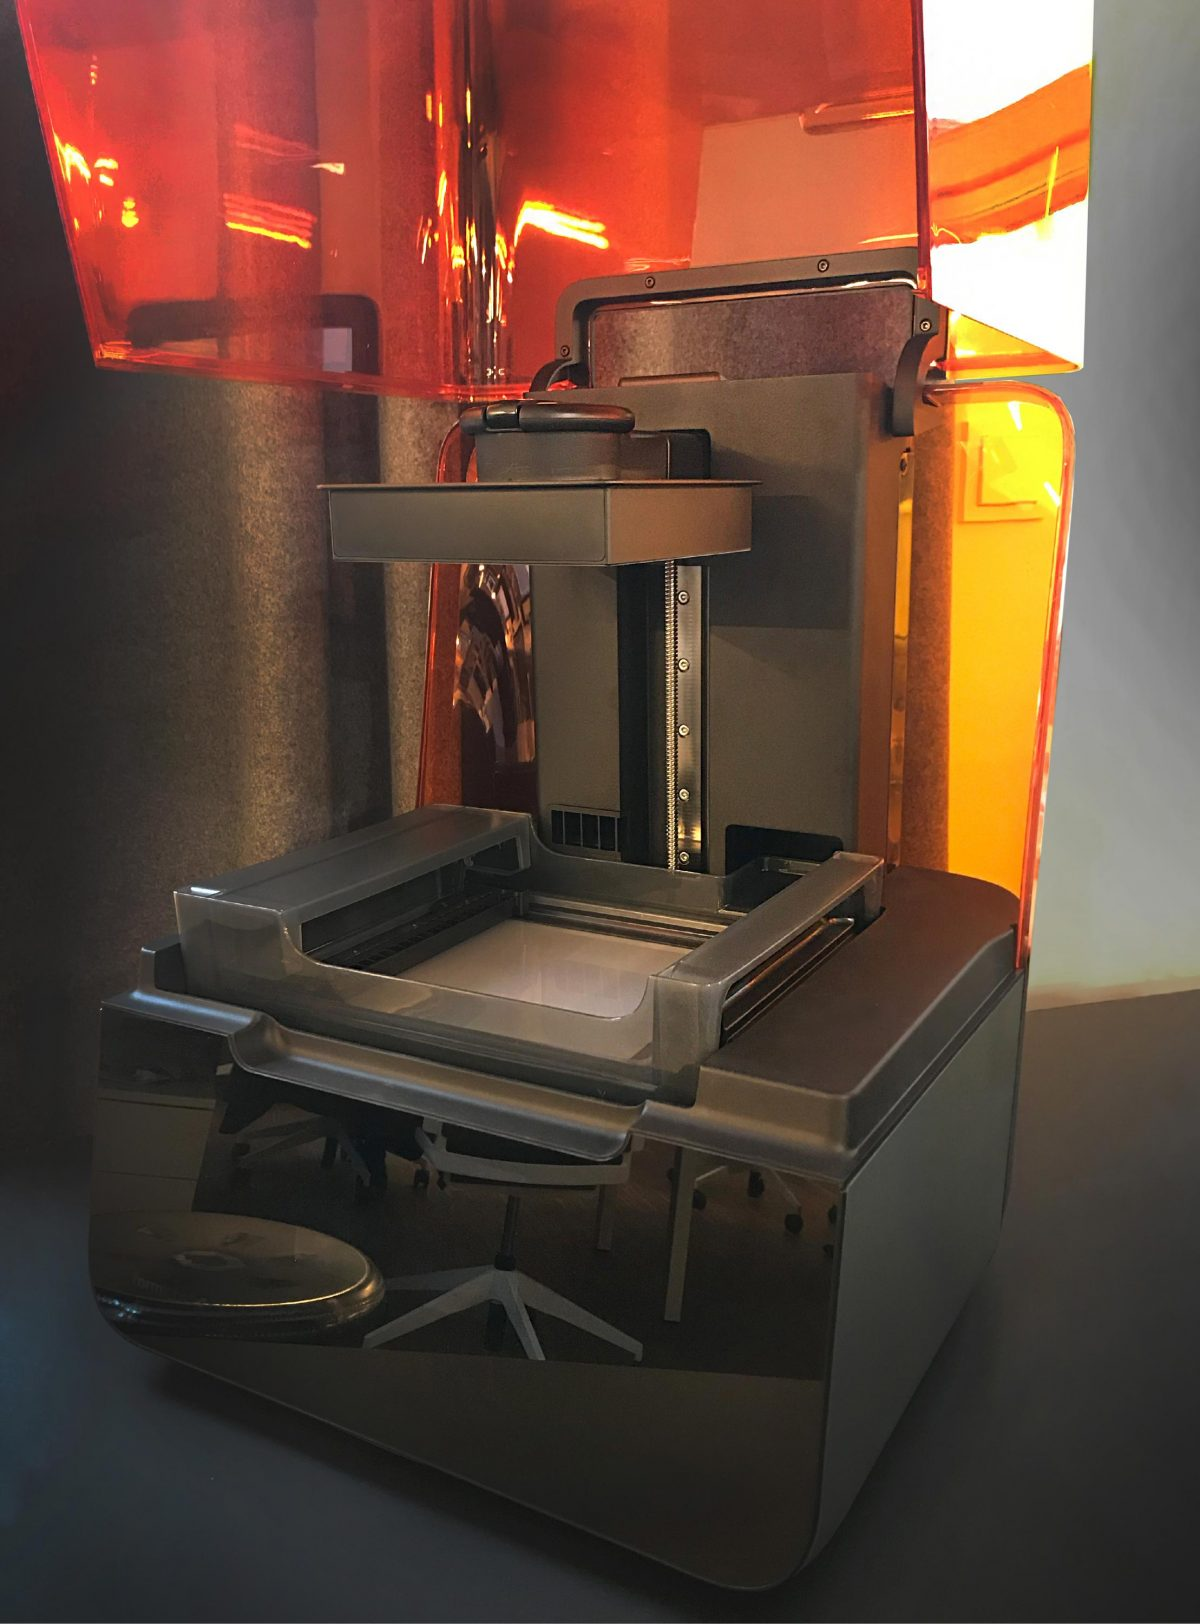 Unser neuer 3-D Drucker in der Bermüller+Niemeyer Architekturwerkstatt in Nürnberg.